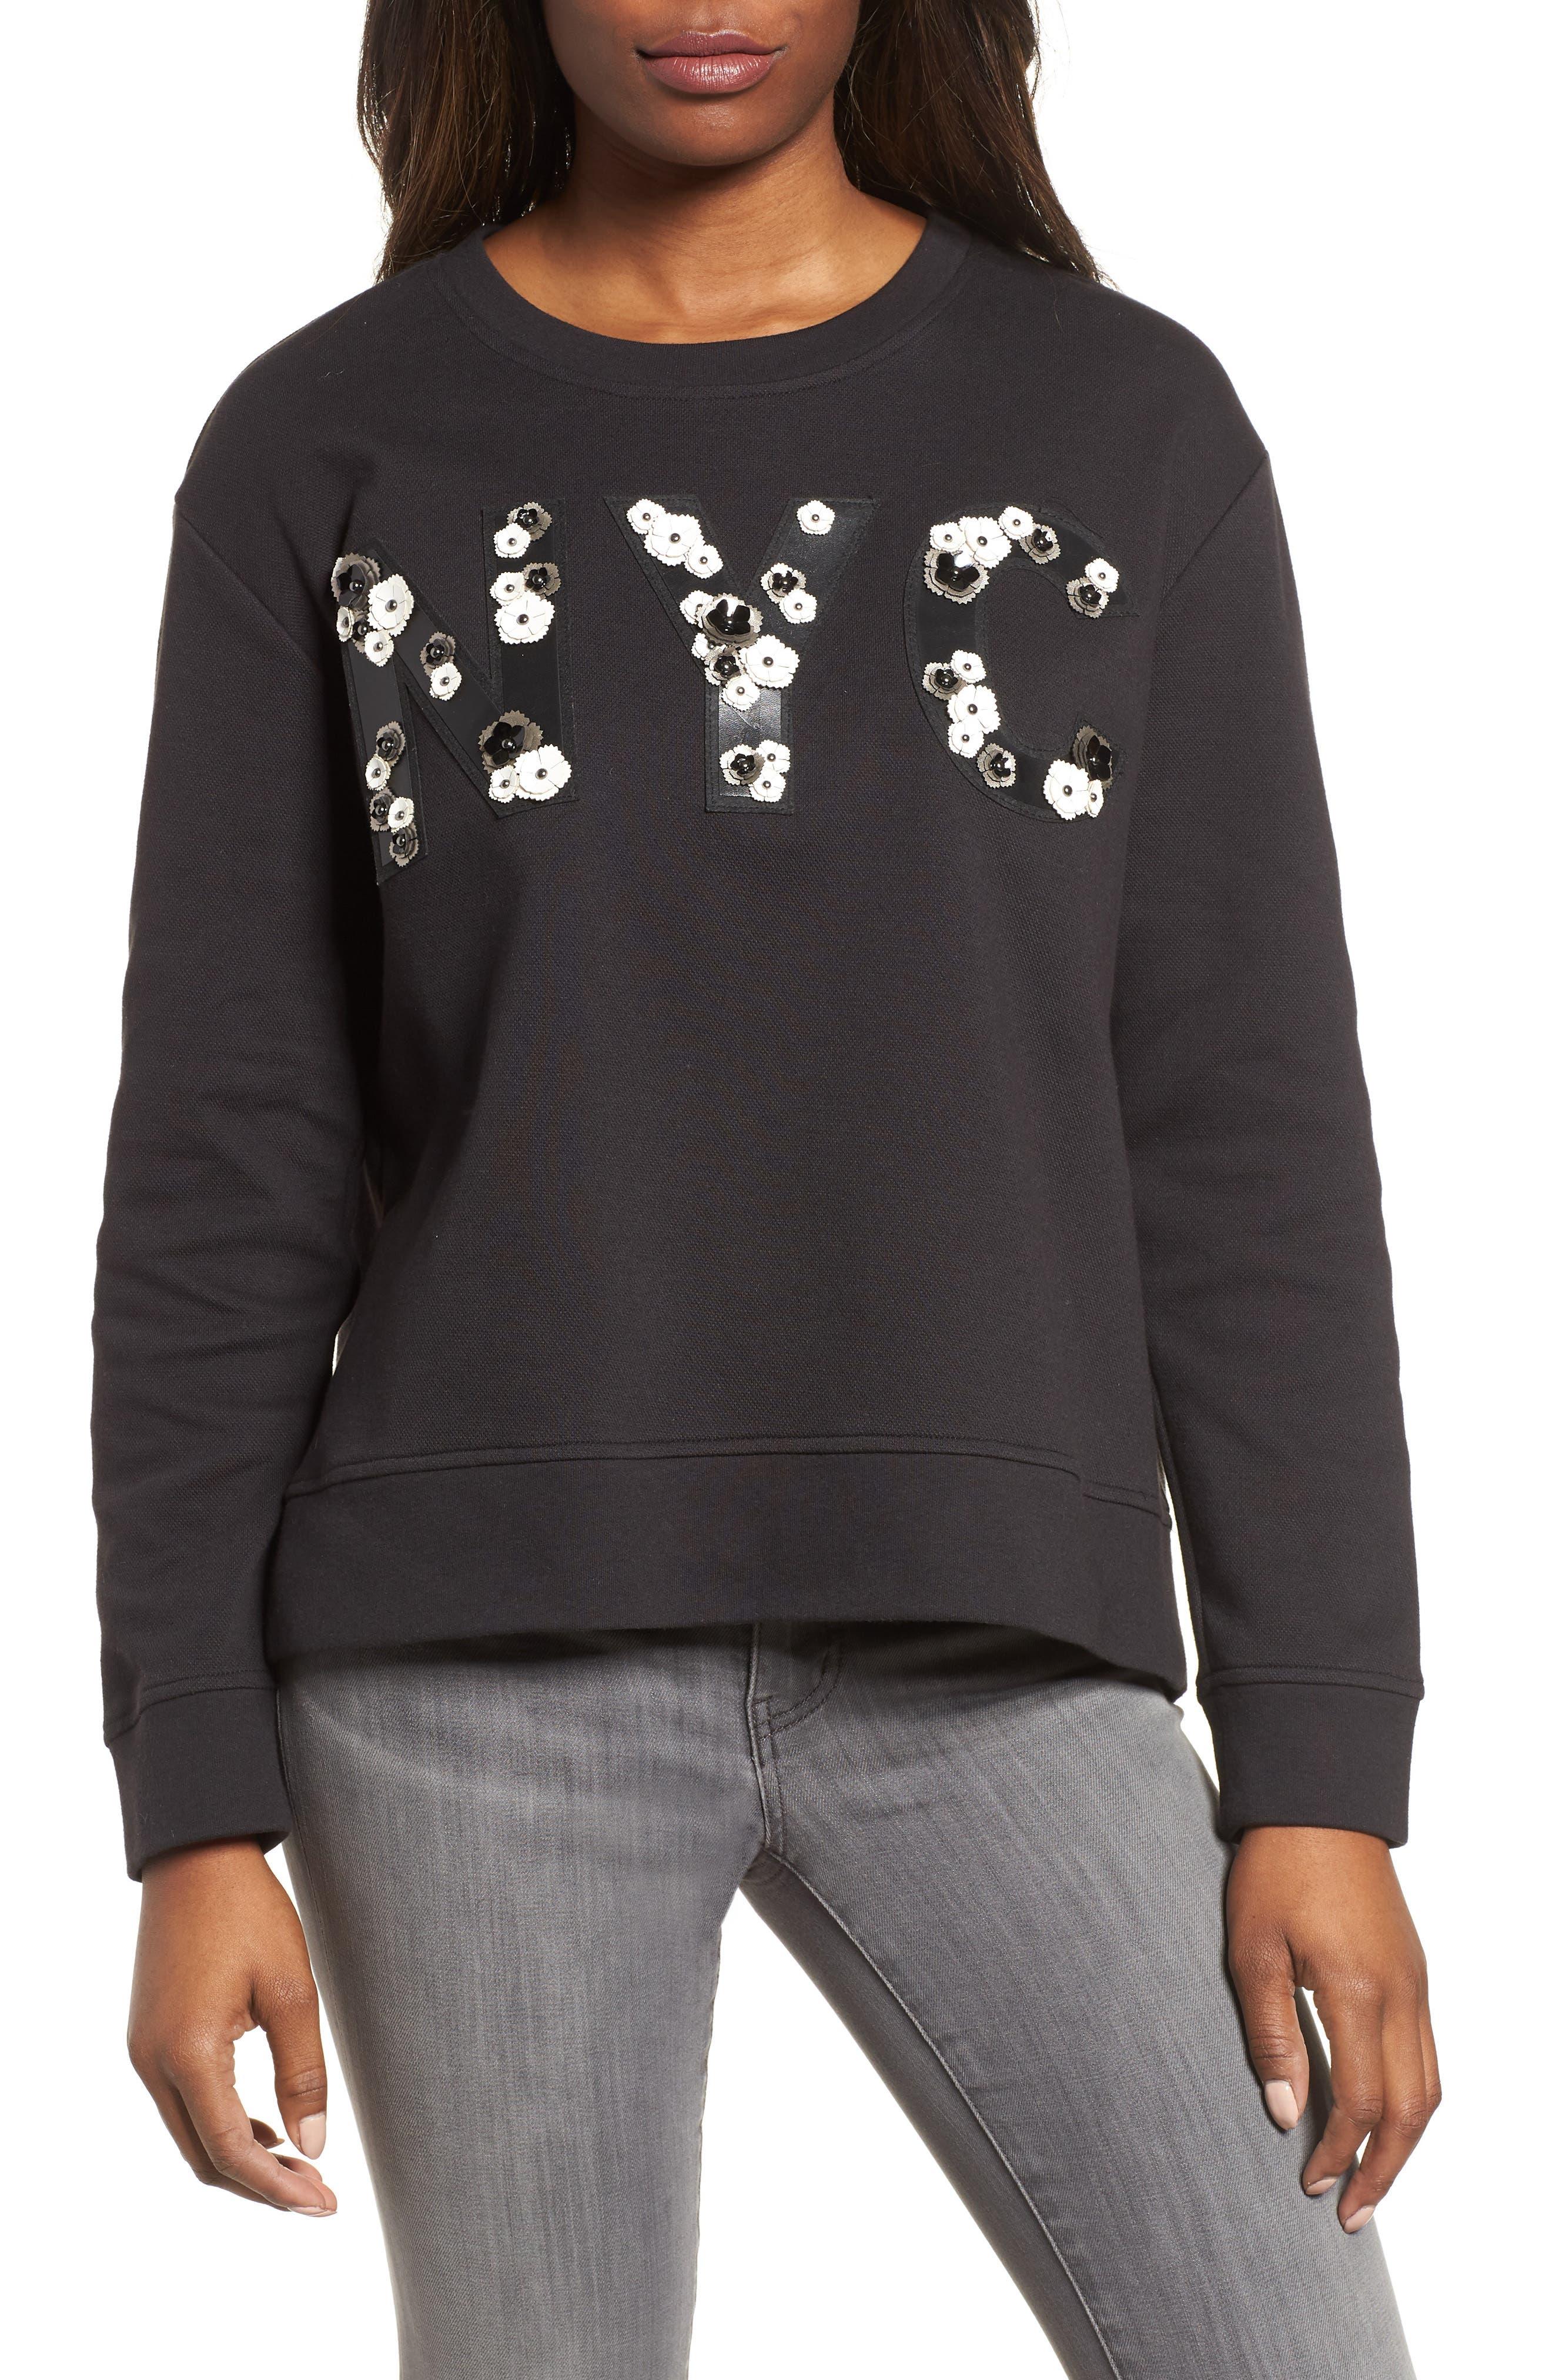 NYC Sweatshirt,                         Main,                         color, BLACK